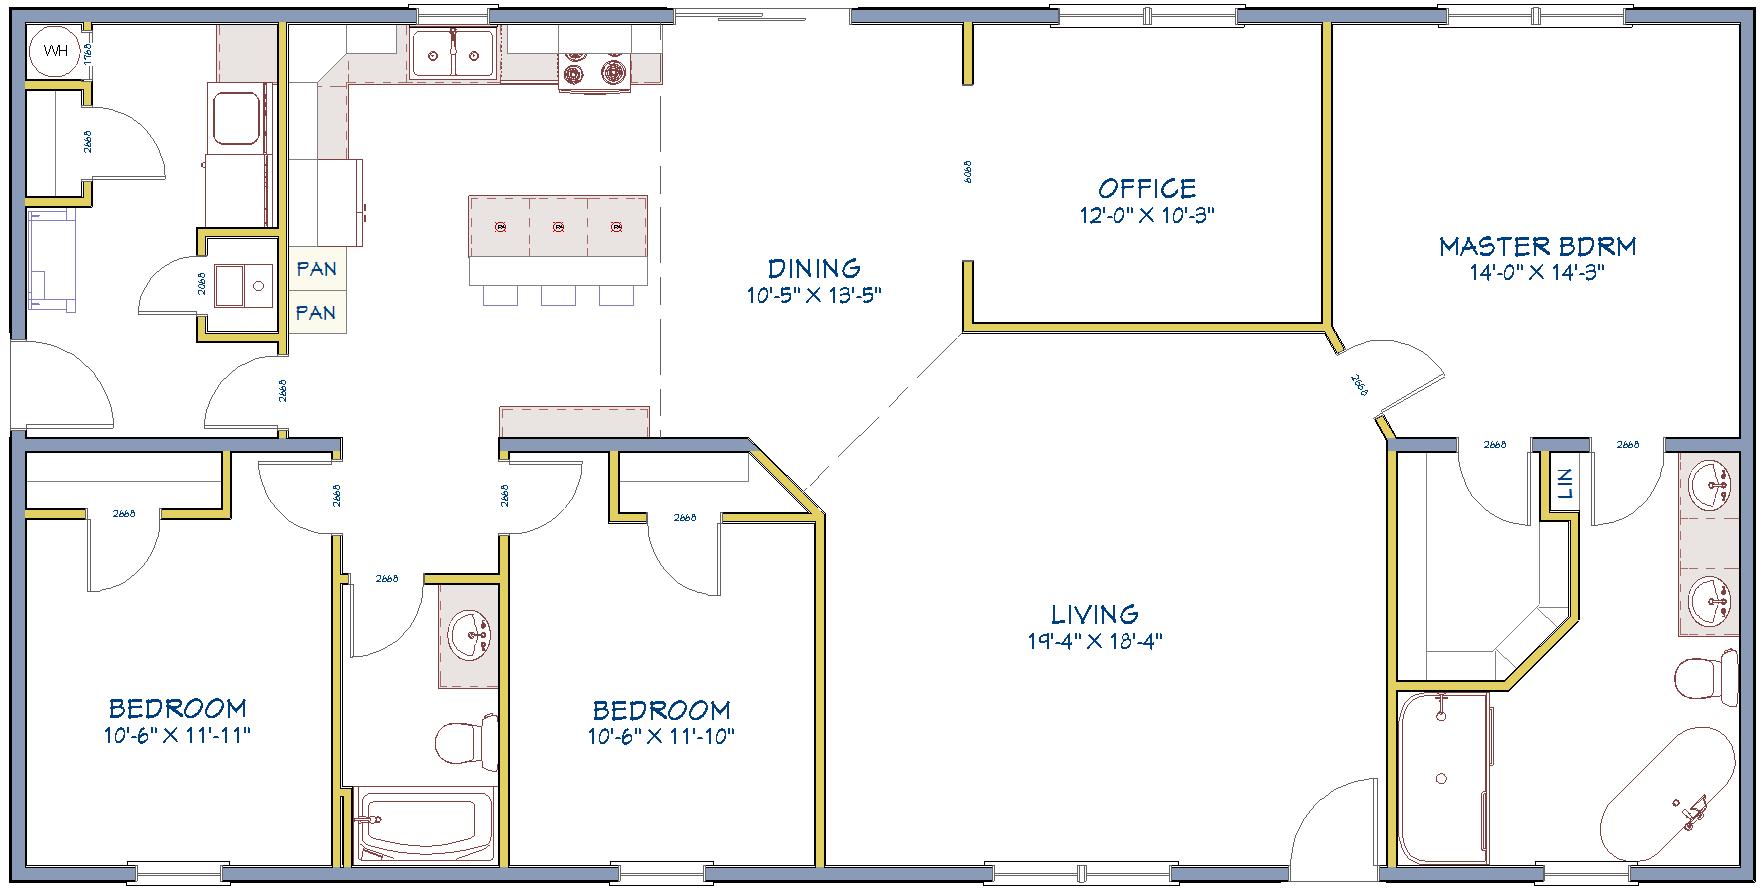 Pella-6032-377.png